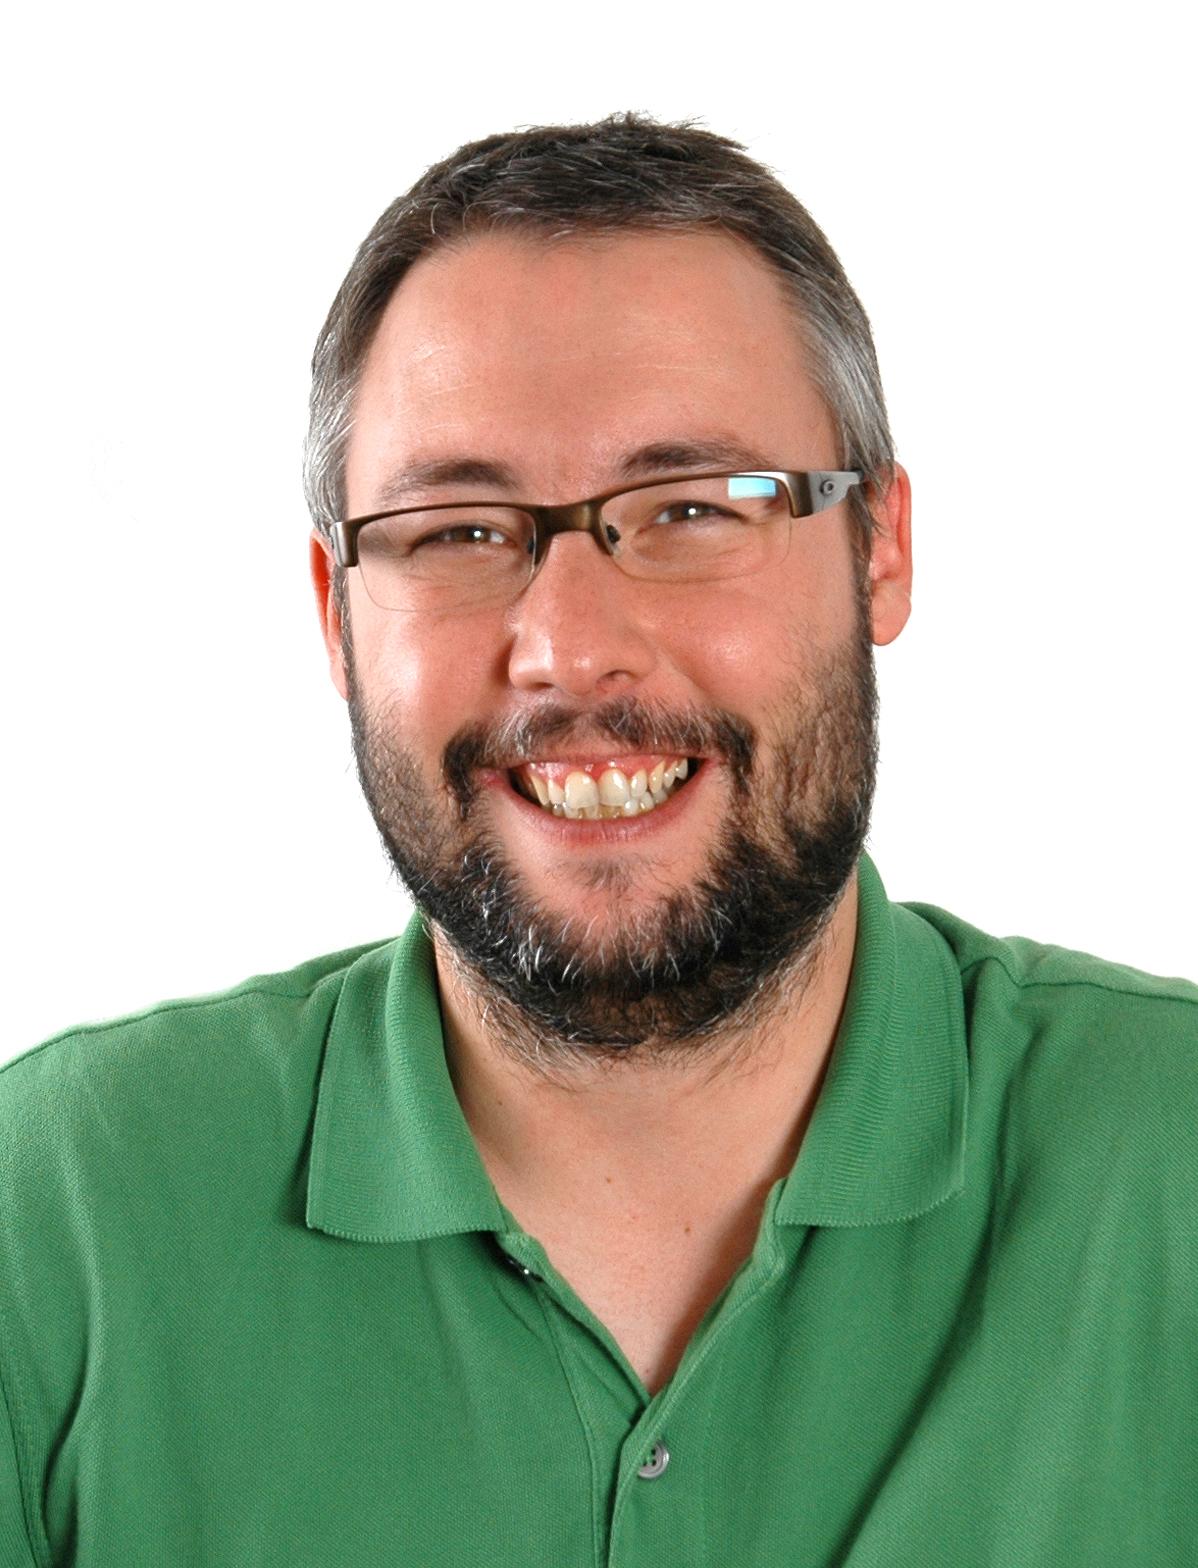 Olivier Steffen